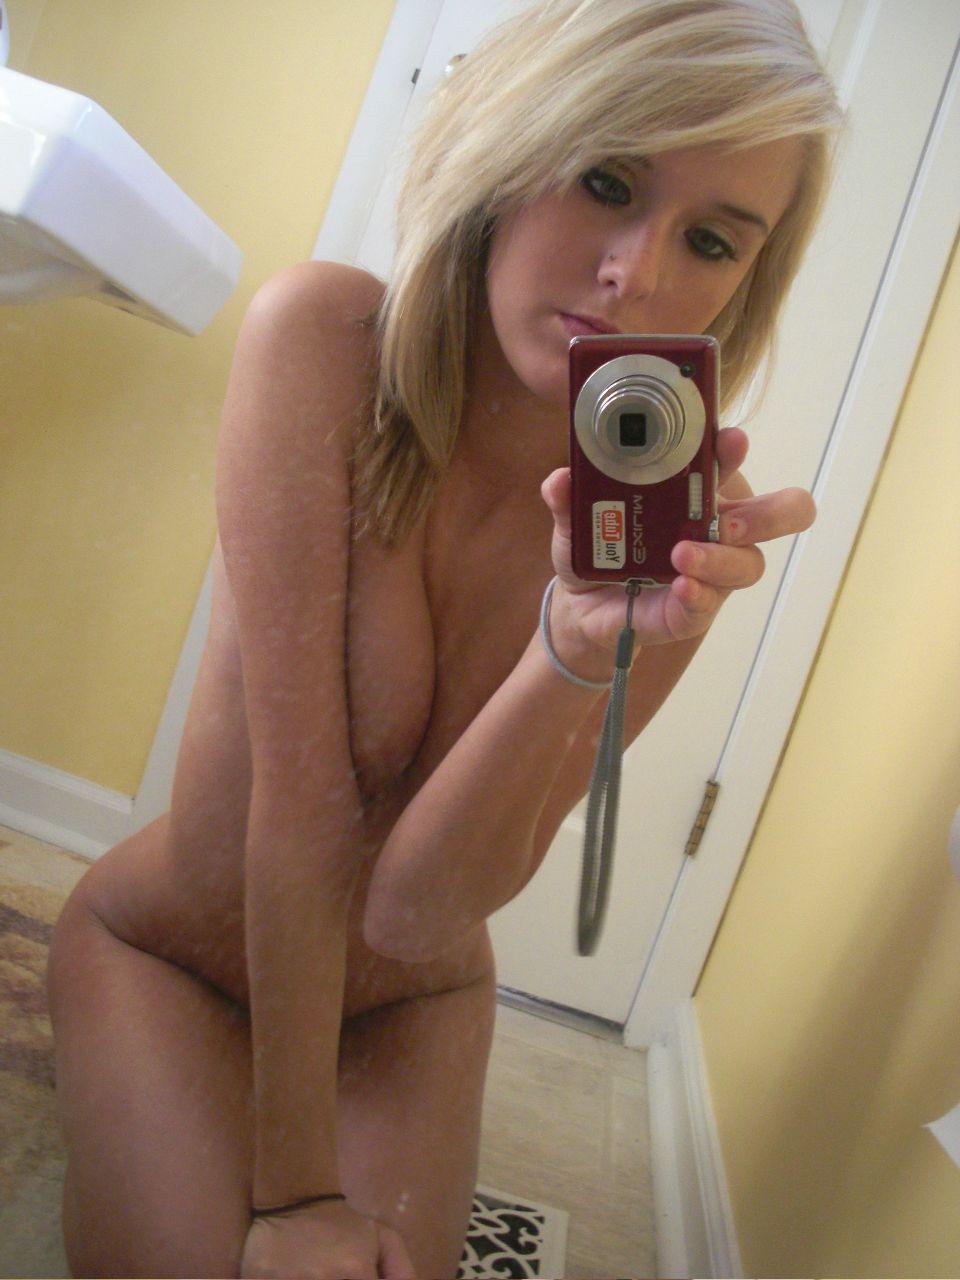 Домашние селфи больших доек американских студенток секс фото и порно фото